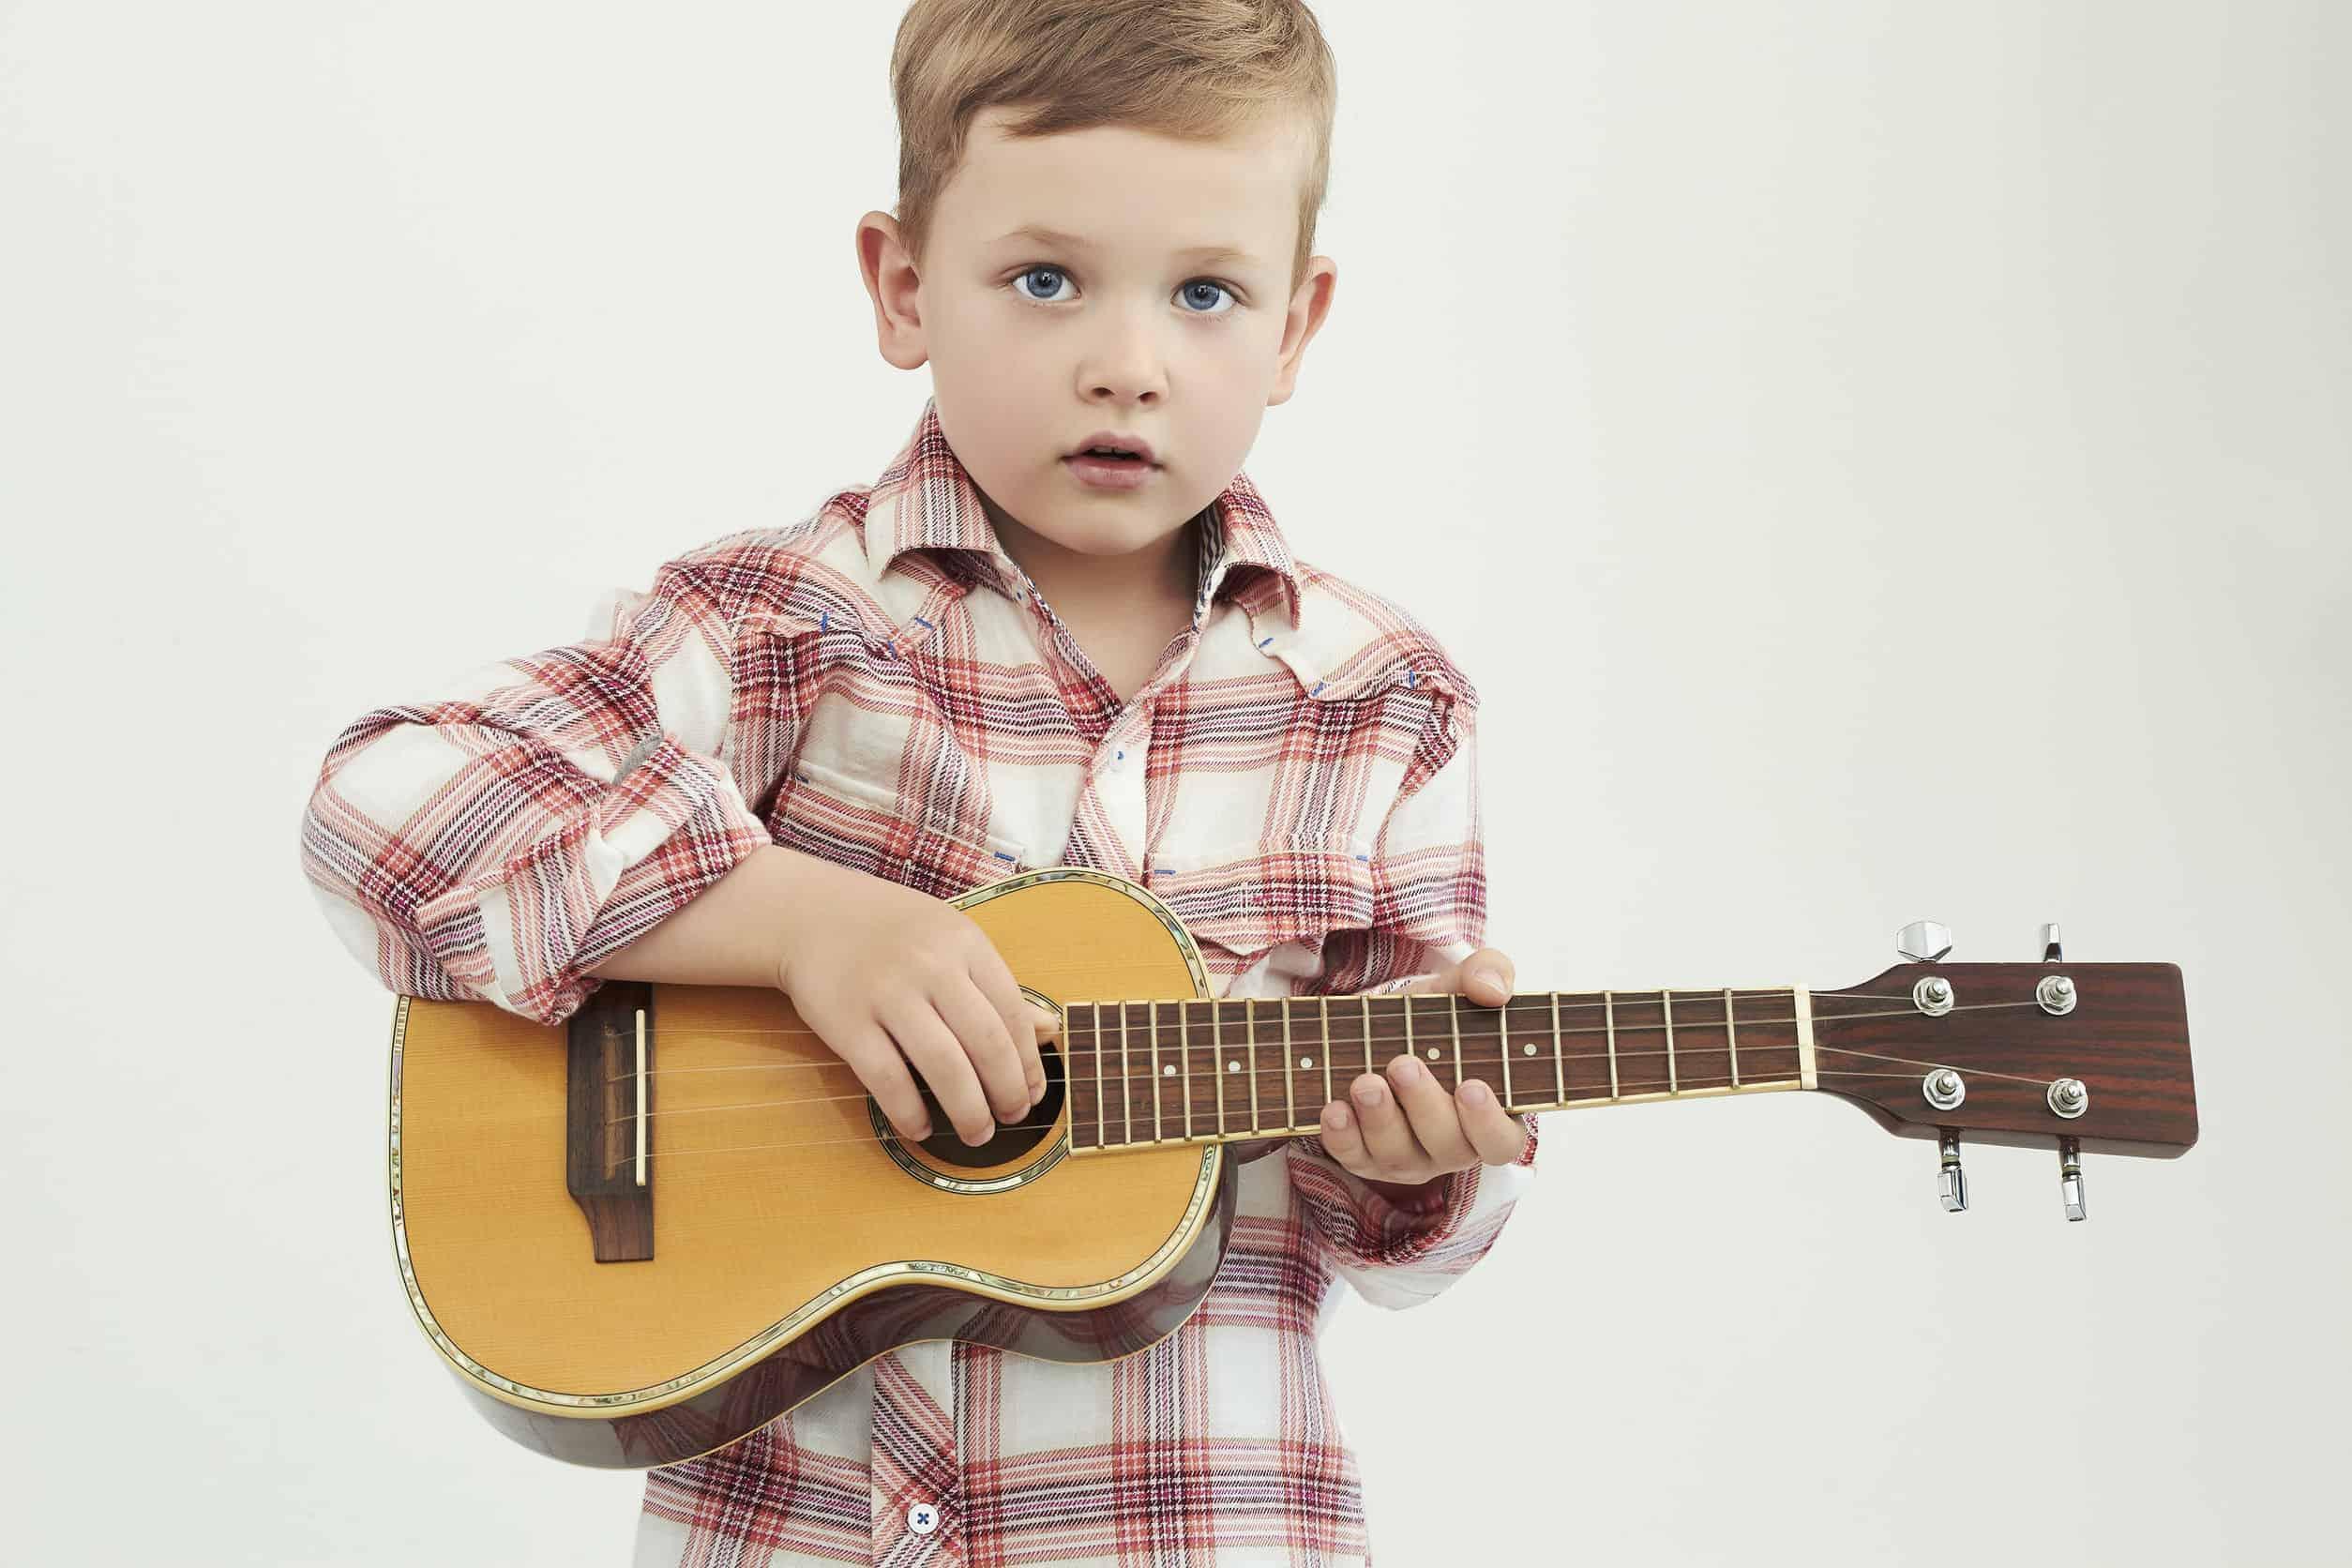 Bambino con chitarra in mano